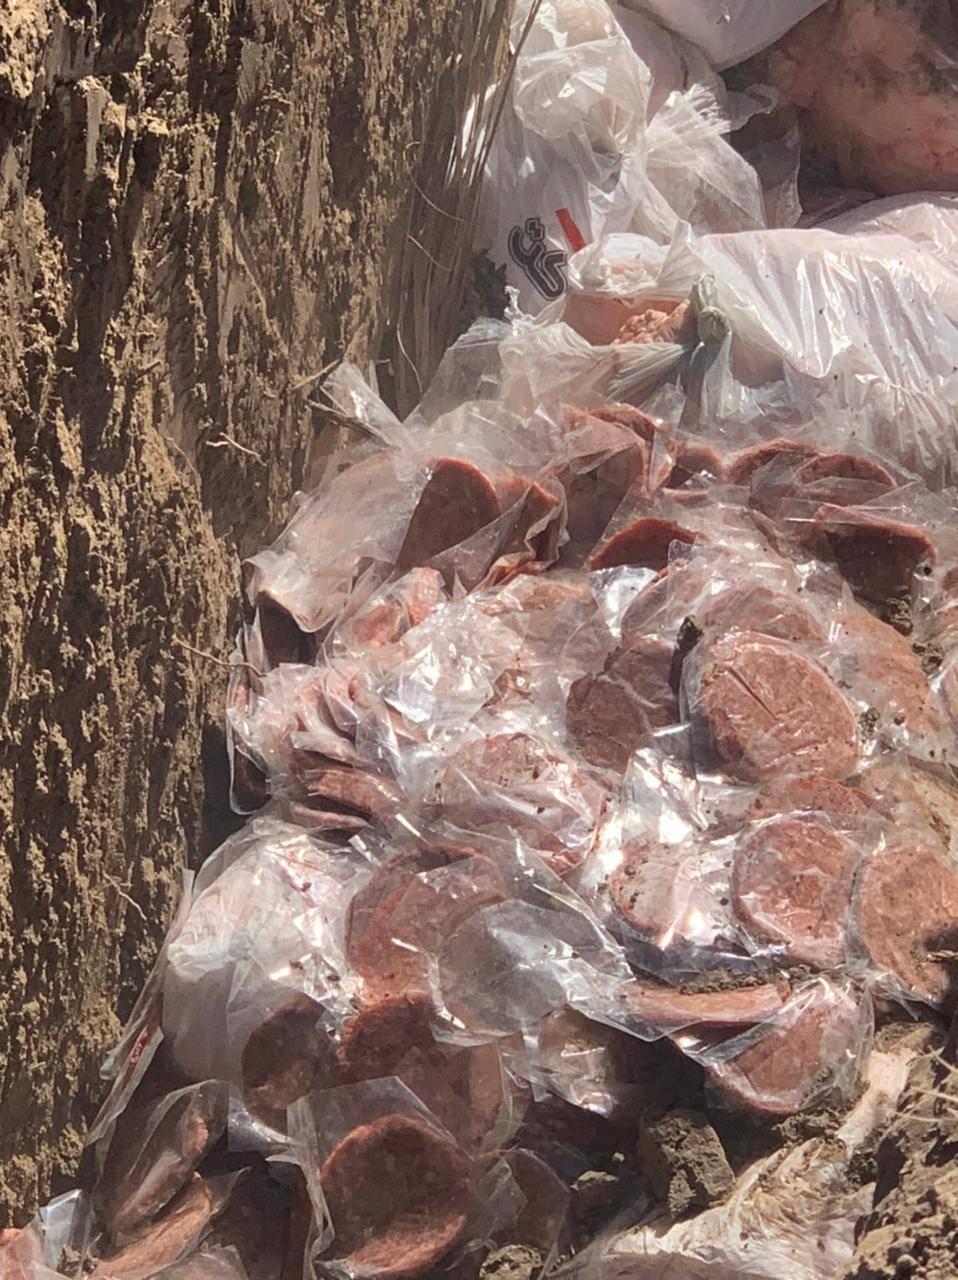 ضبط معمل للتجهيزات الغذائية في منطقة ابو غريب يقوم بانتاج ال (همبركر) غير صالح للاستهلاك